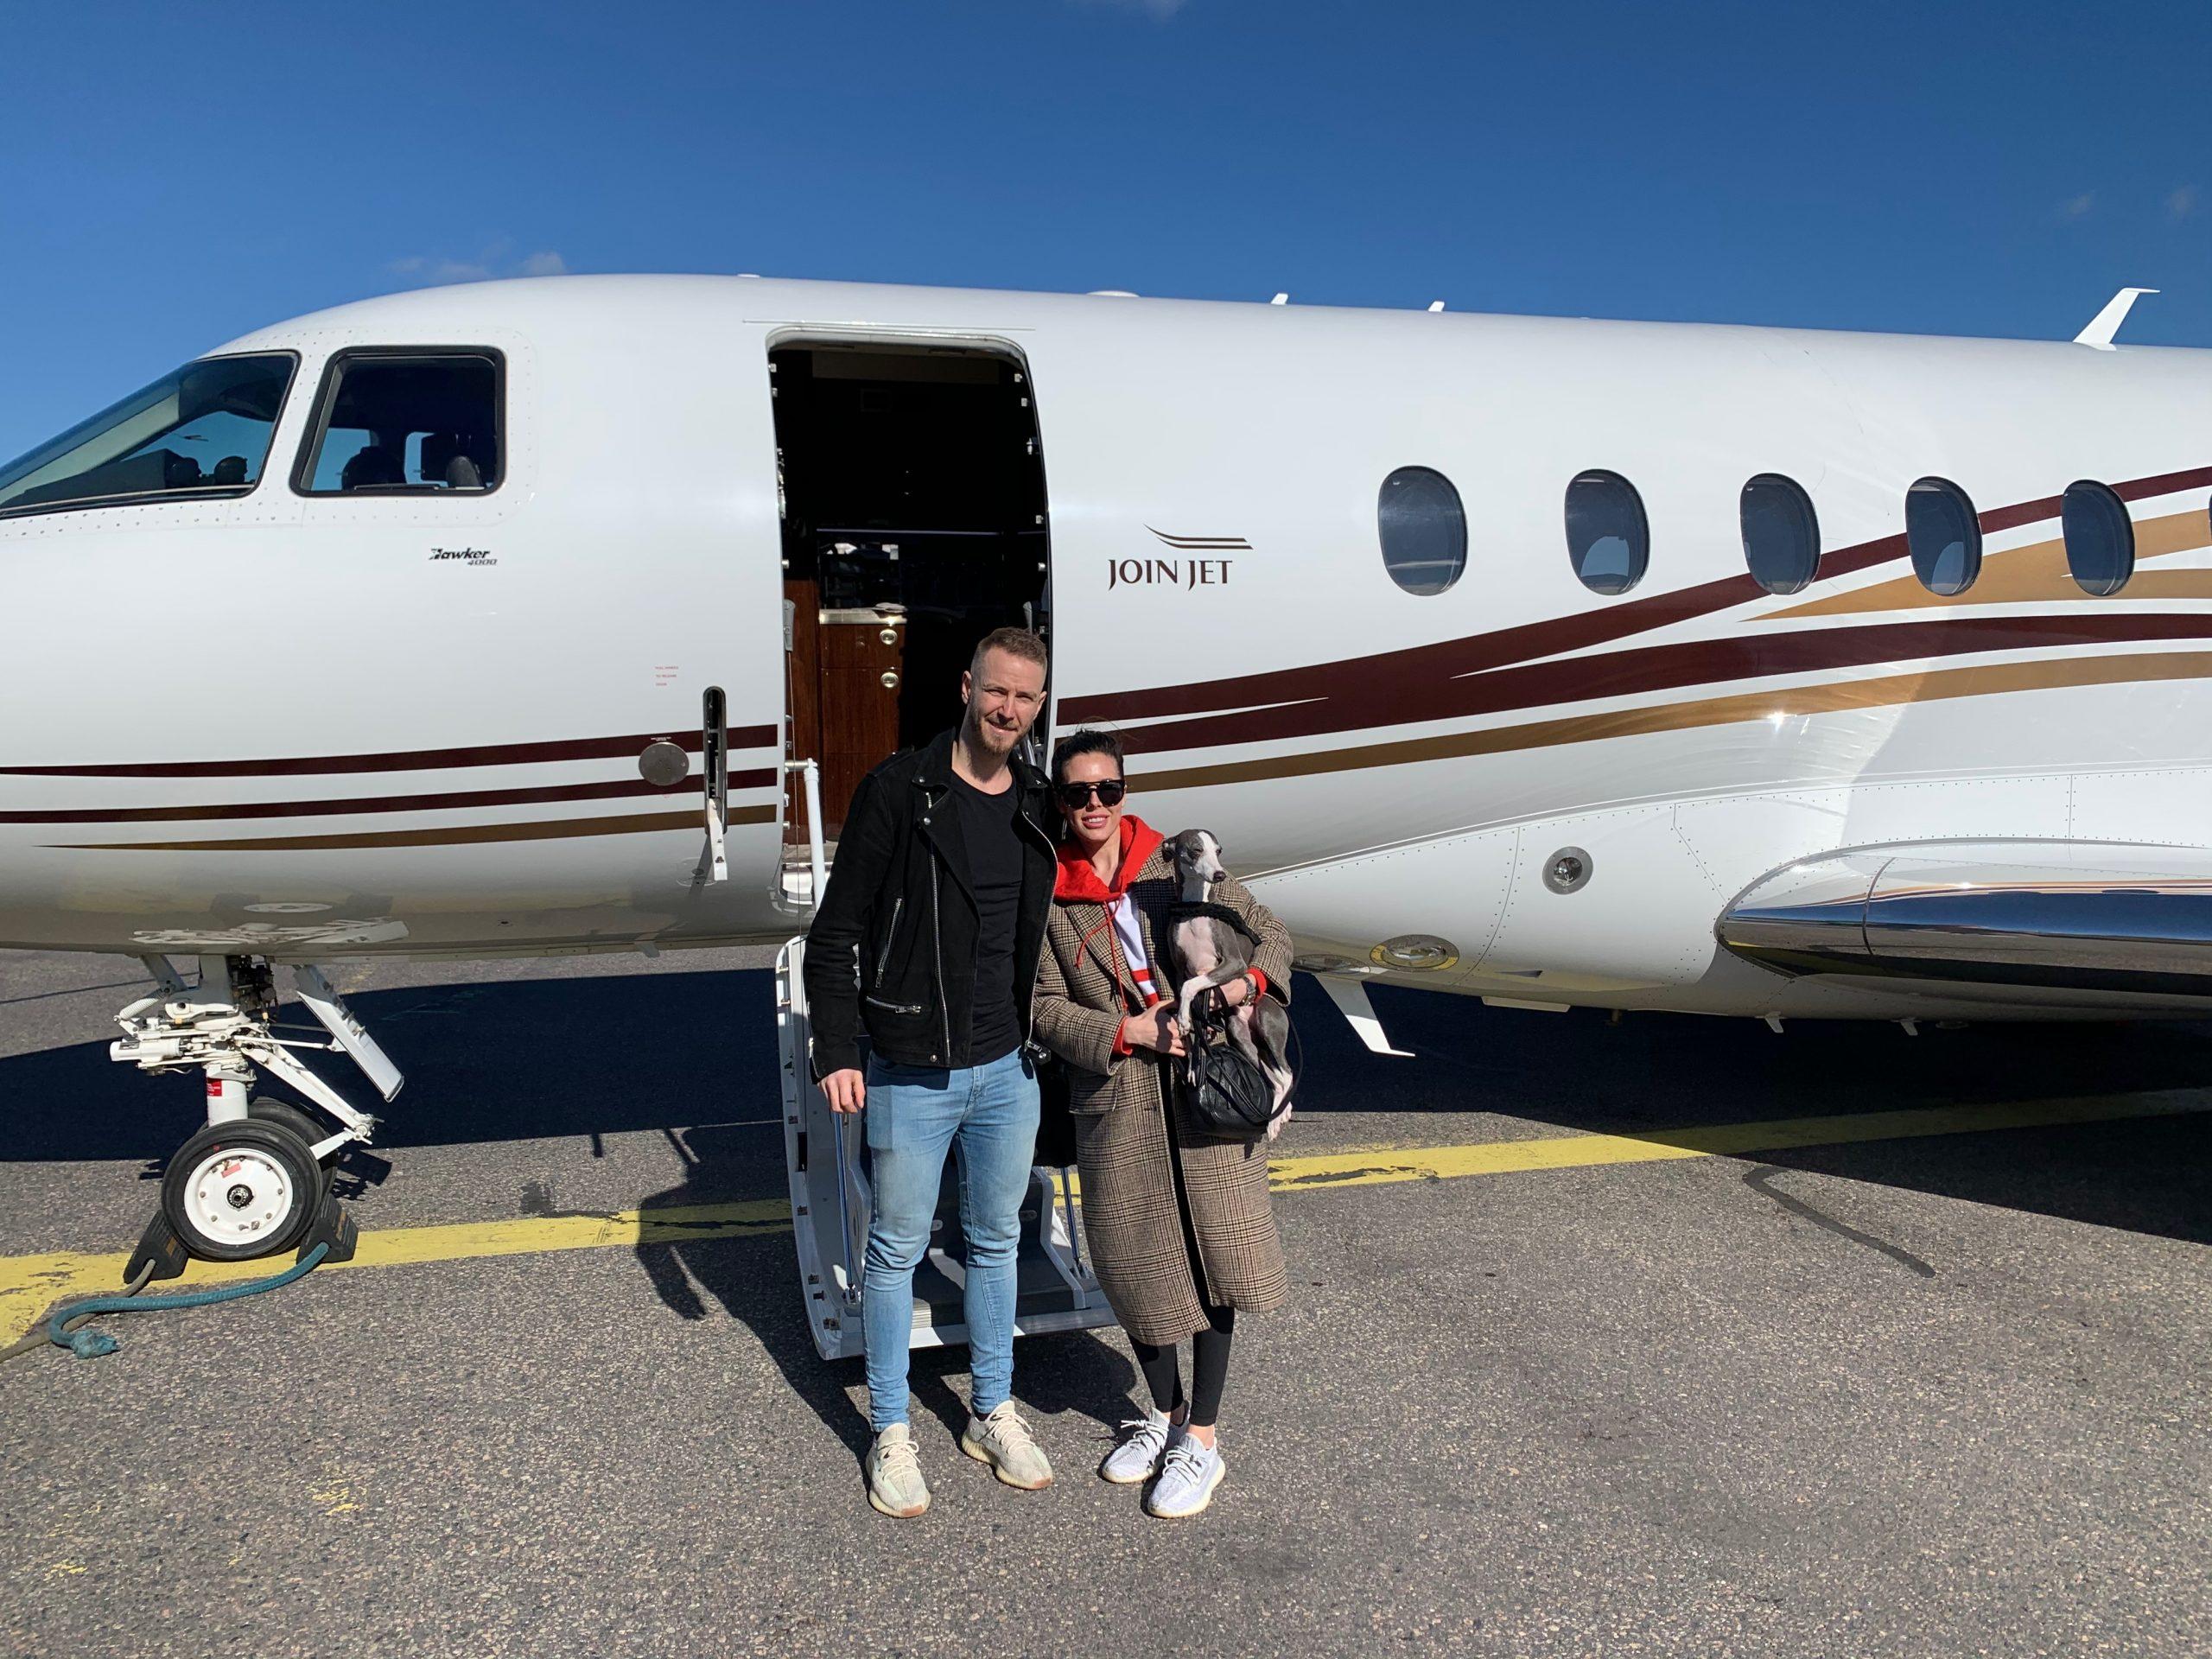 Den danske ishockeystjerne Peter Regin og hustruen foran Hawker 4000-flyet fra JoinJet. Foto: Privat